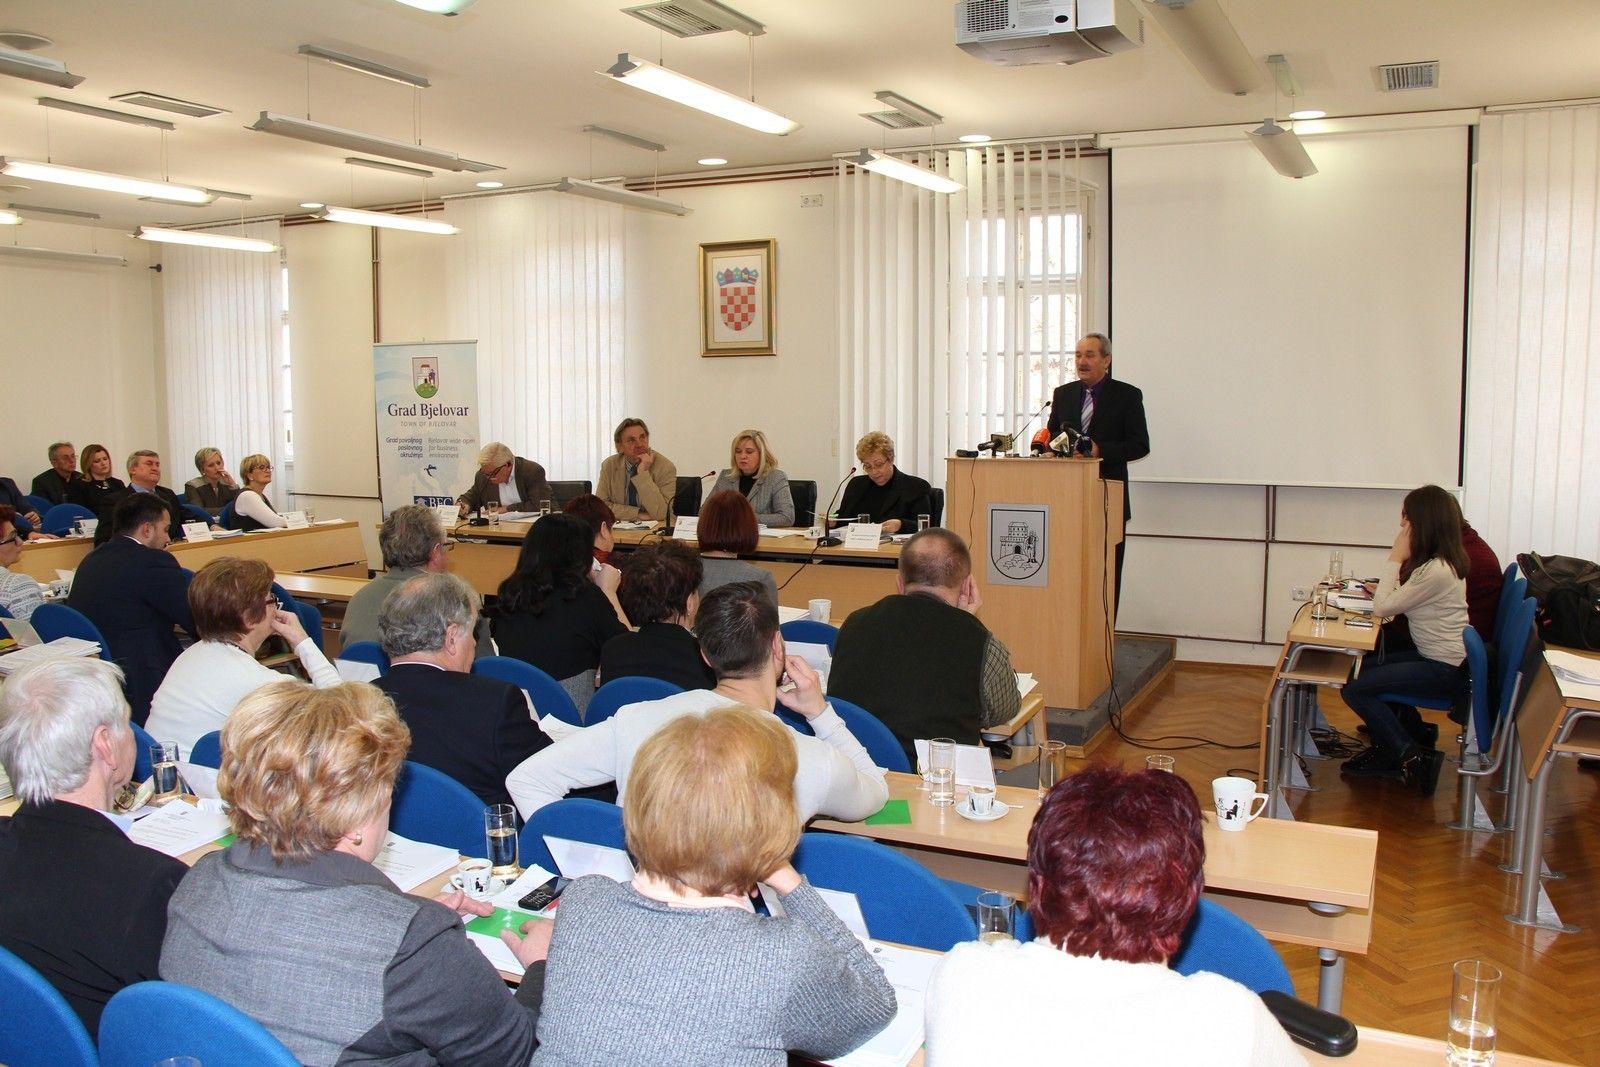 Aktualni sat Gradskog Vijeća Grada Bjelovara uoči donošenja proračuna za 2017.